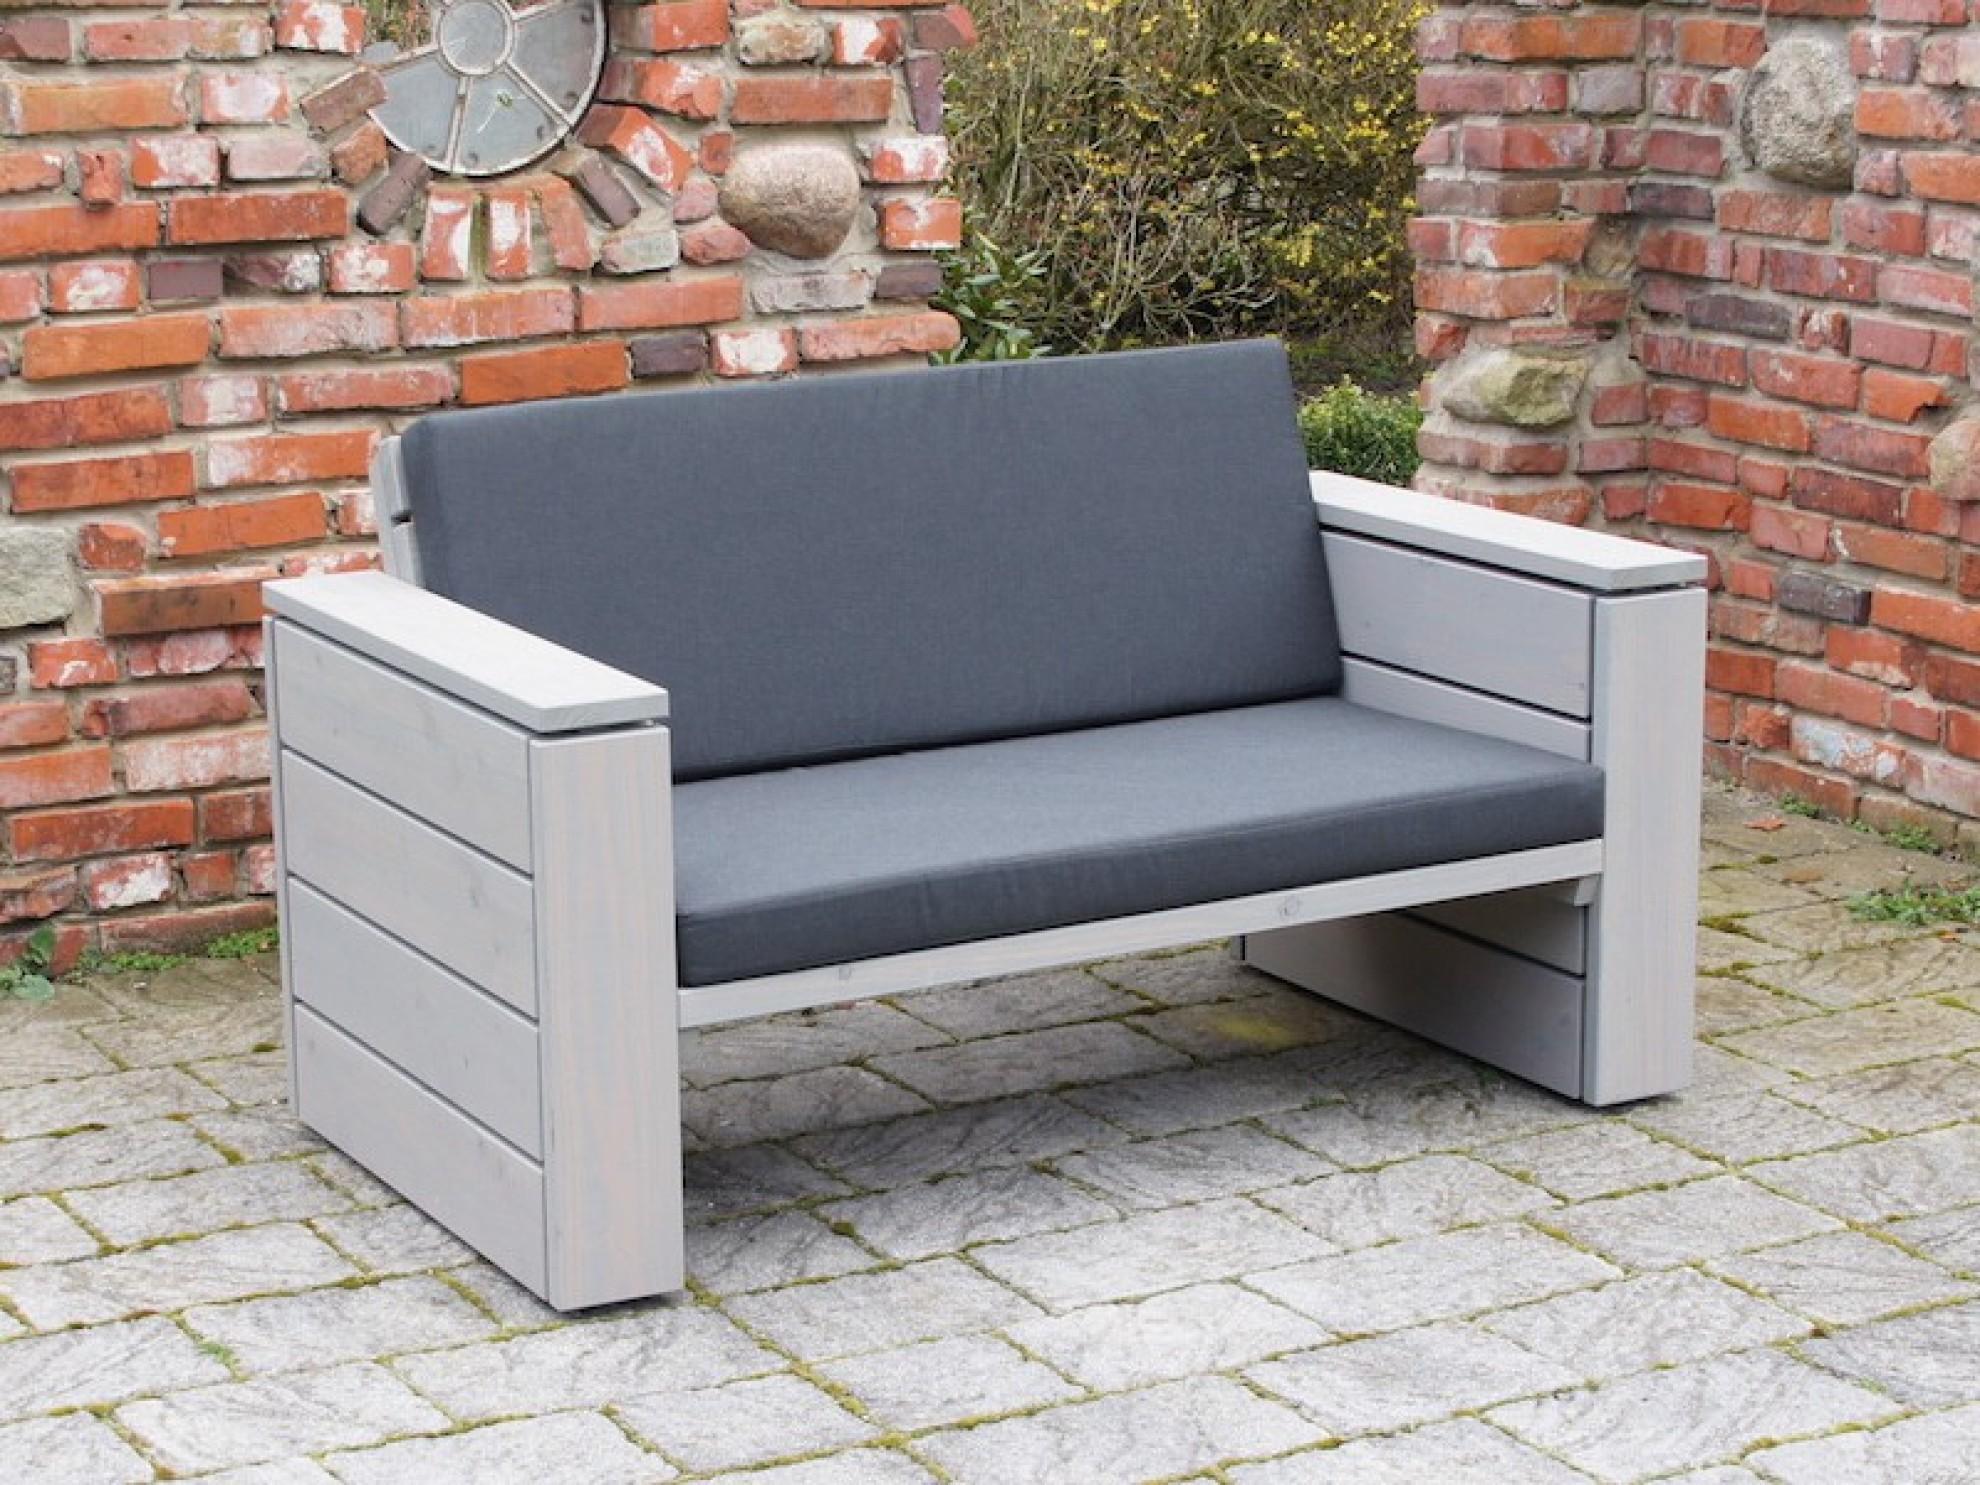 Loungemöbel outdoor holz  Loungemöbel Set 4 - Zeitlose Loungemöbel aus heimischem Holz